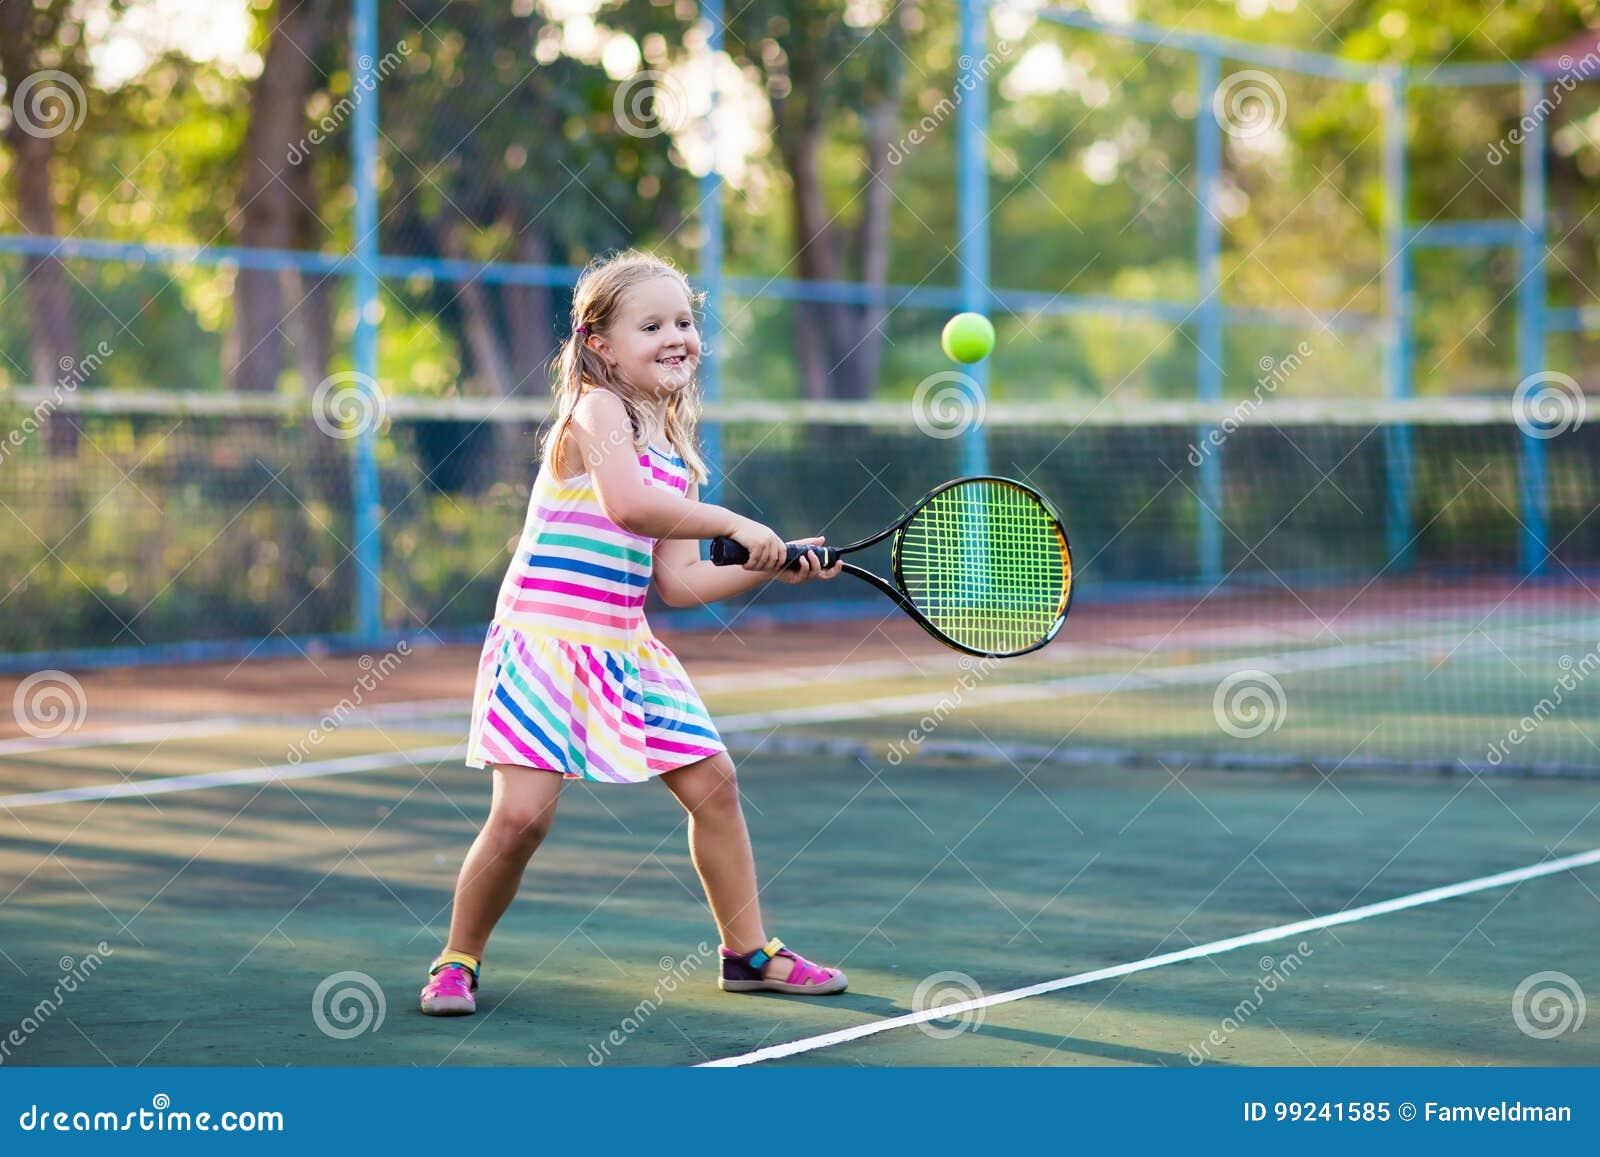 Niño que juega a tenis en corte al aire libre